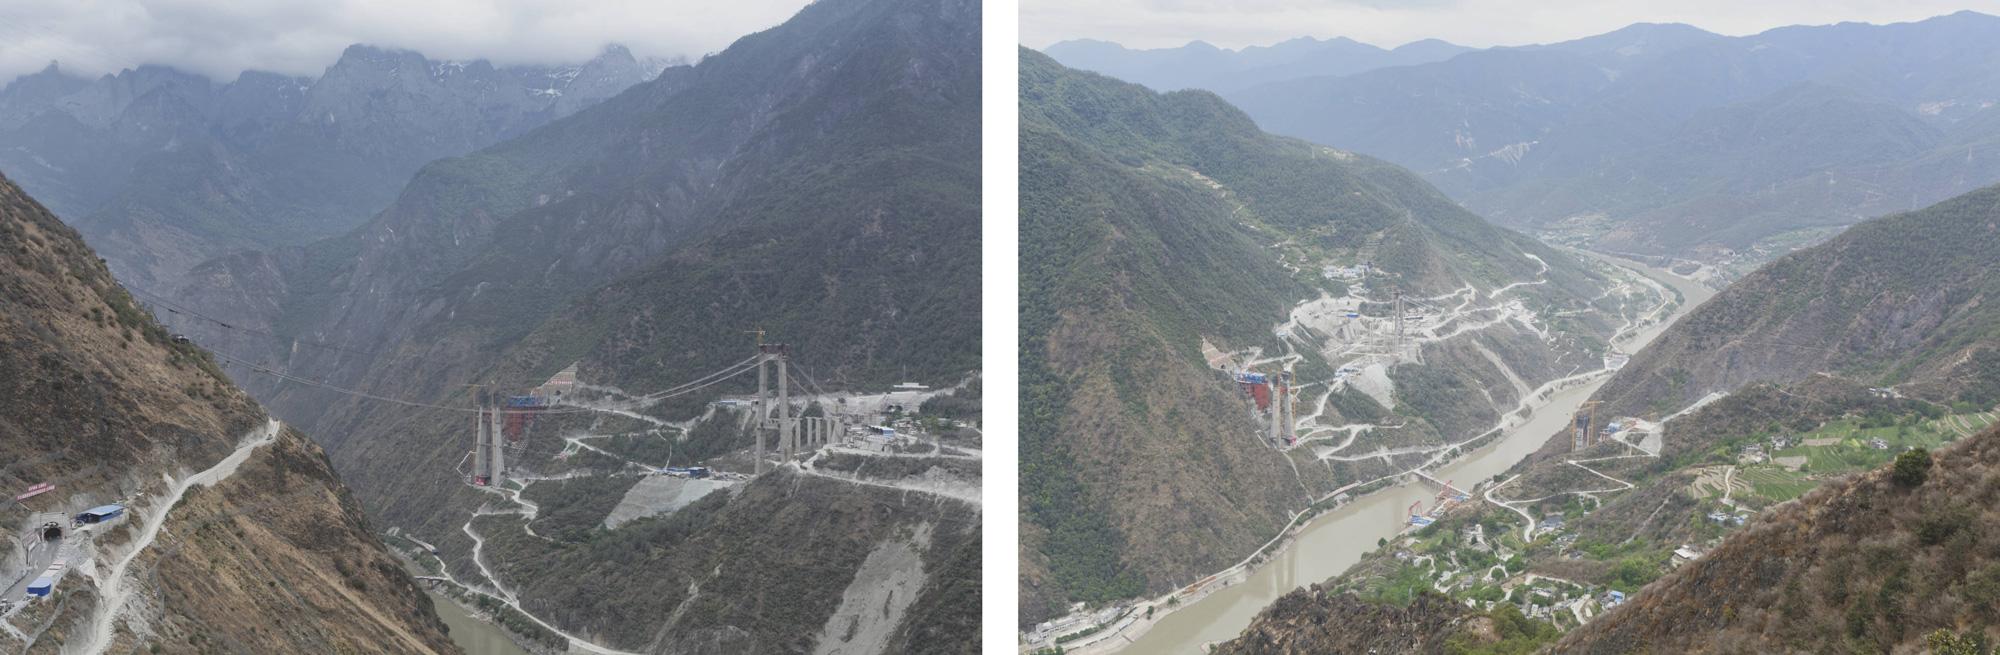 Ponts routiers et ferroviaires au-dessus du Yangtze